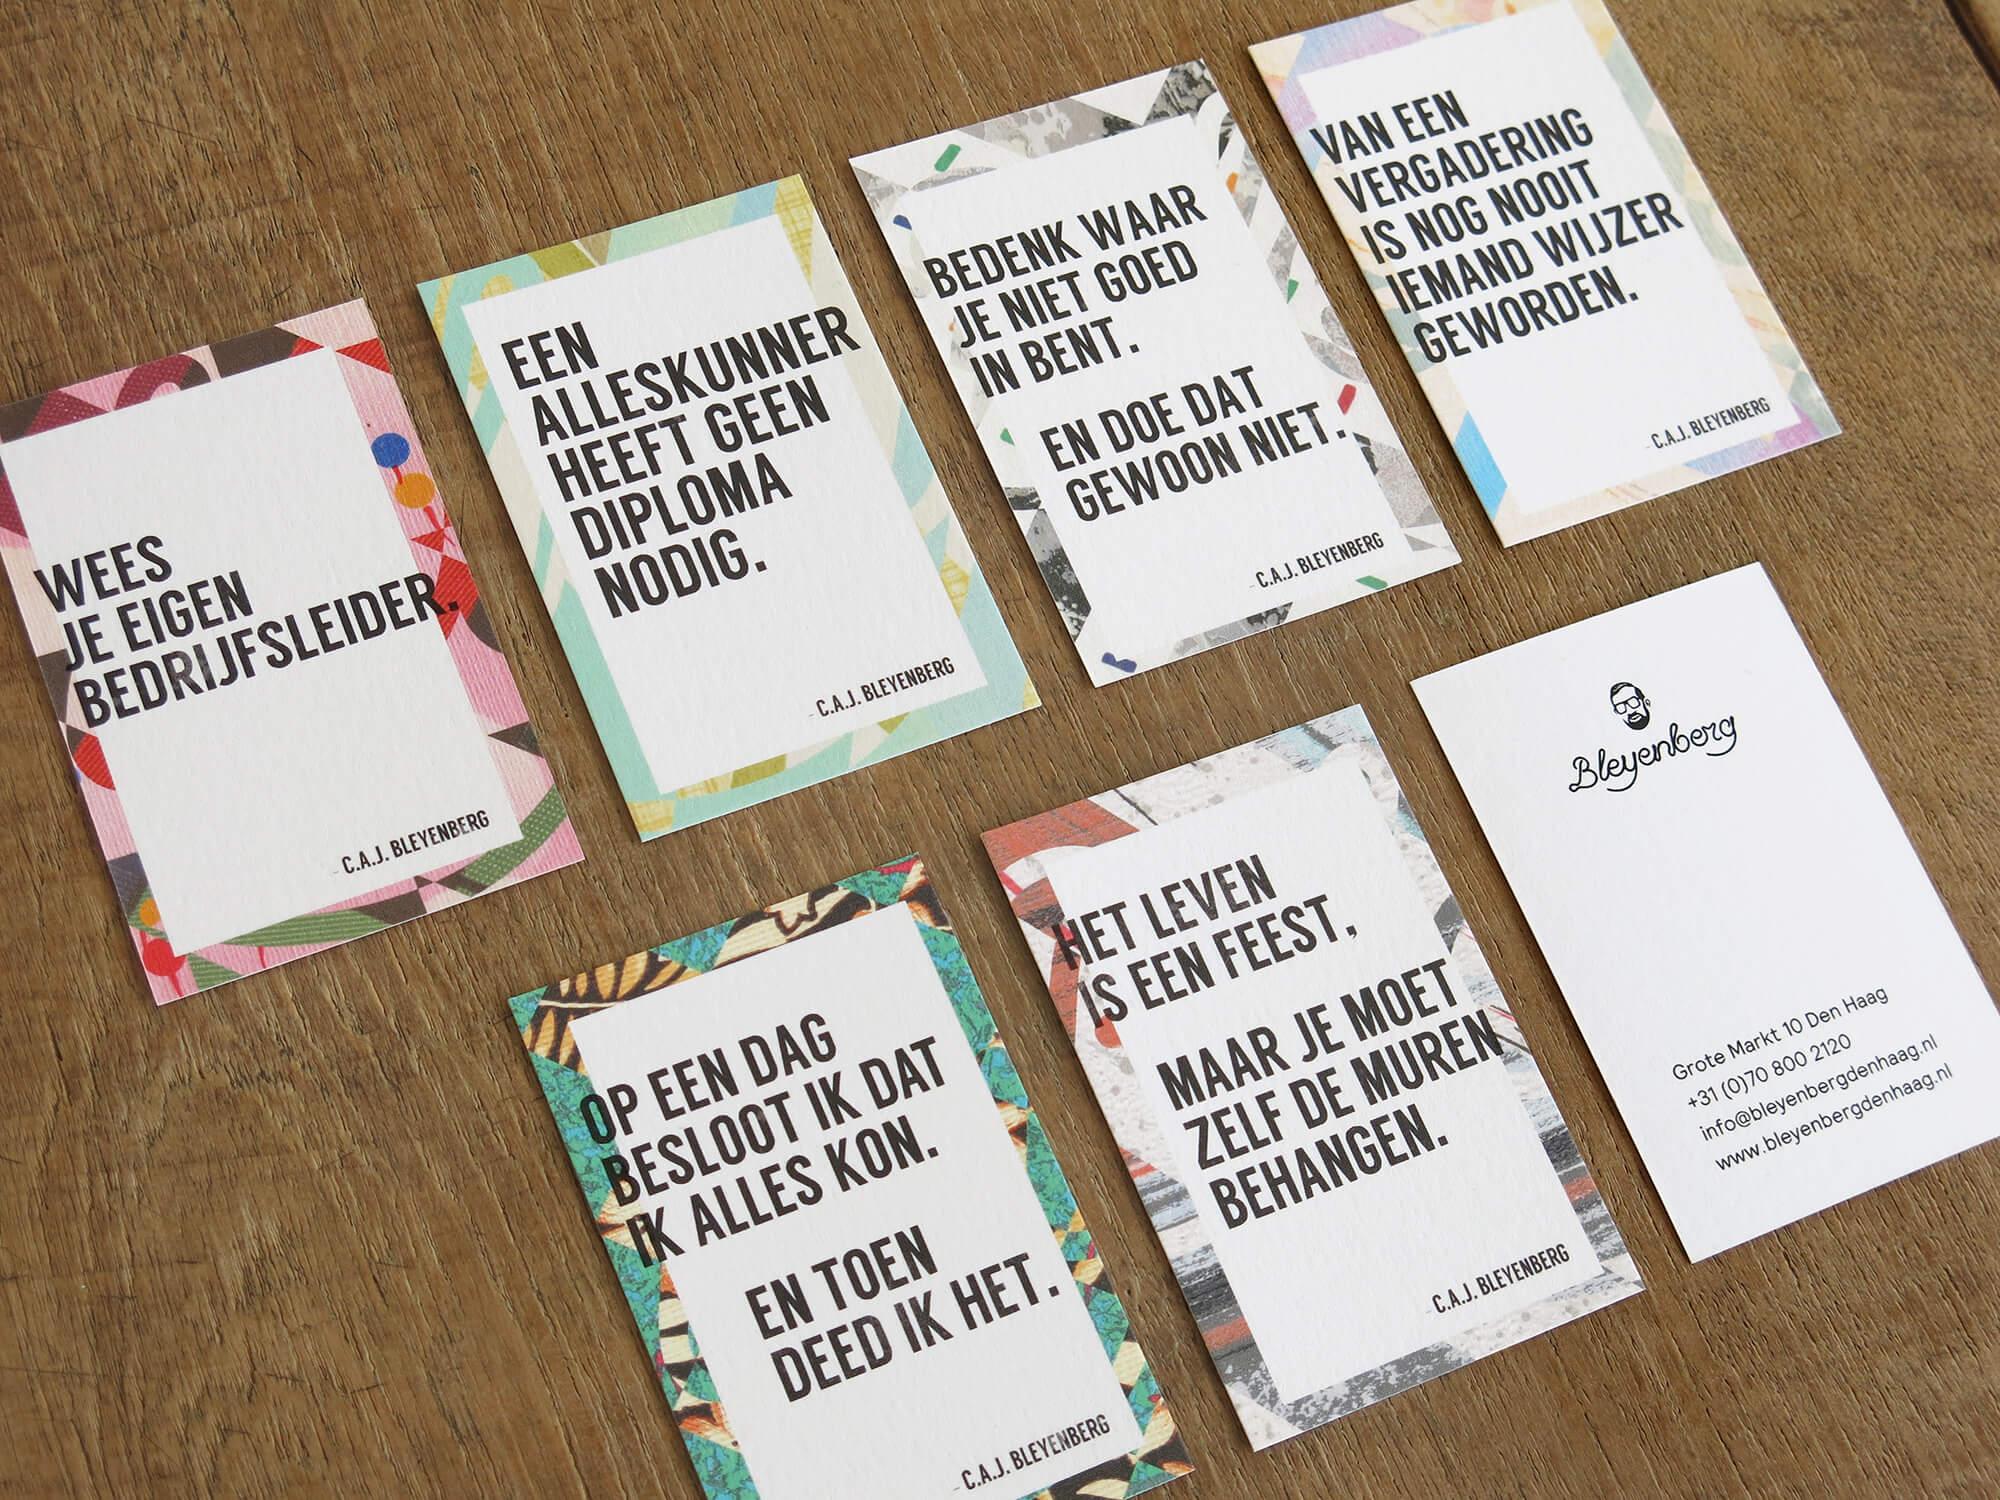 kapowski_bleyenberg_cards